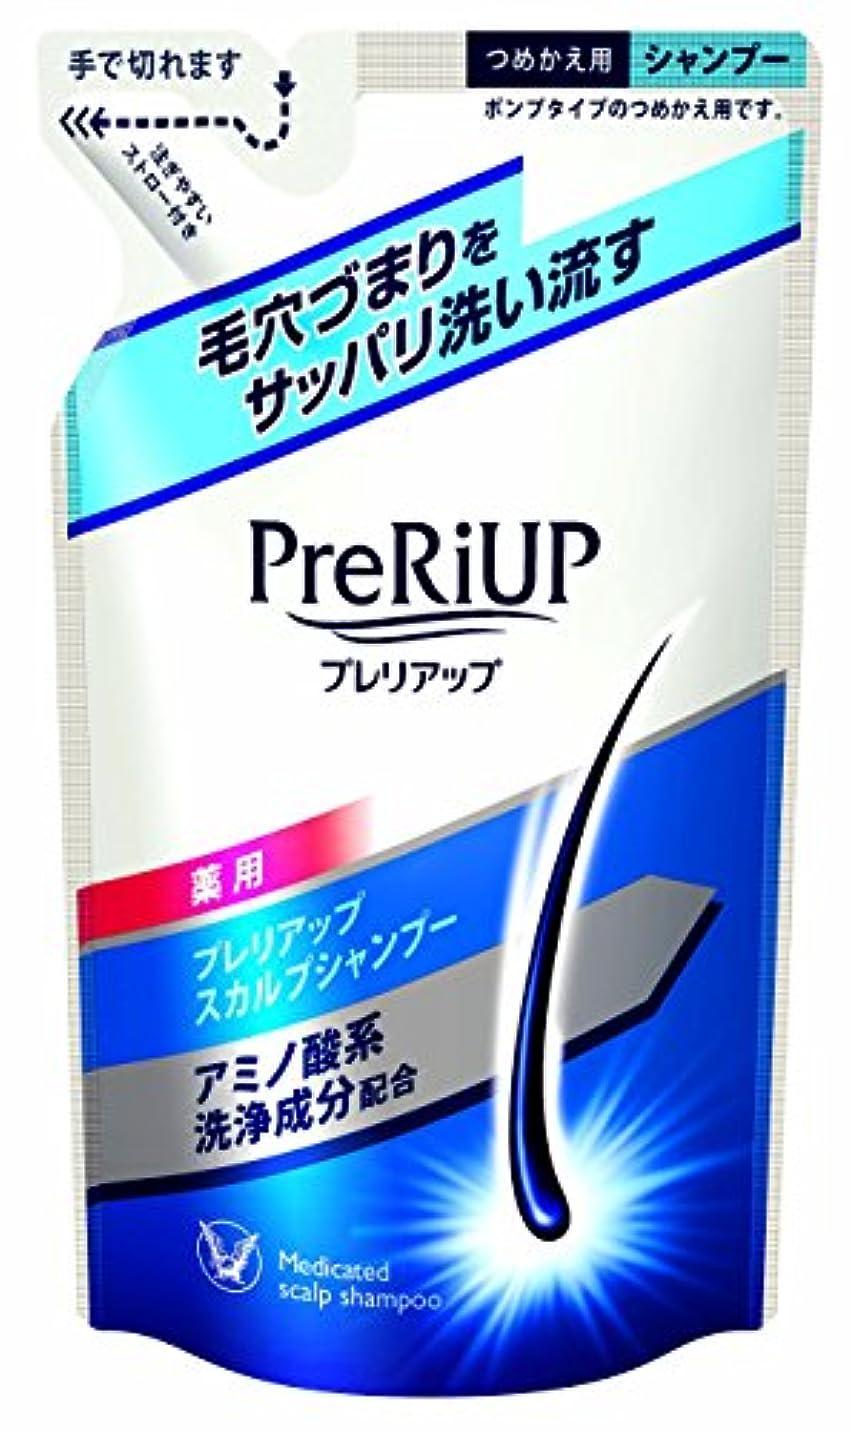 大正製薬 プレリアップスカルプシャンプー(つめかえ用)350mL